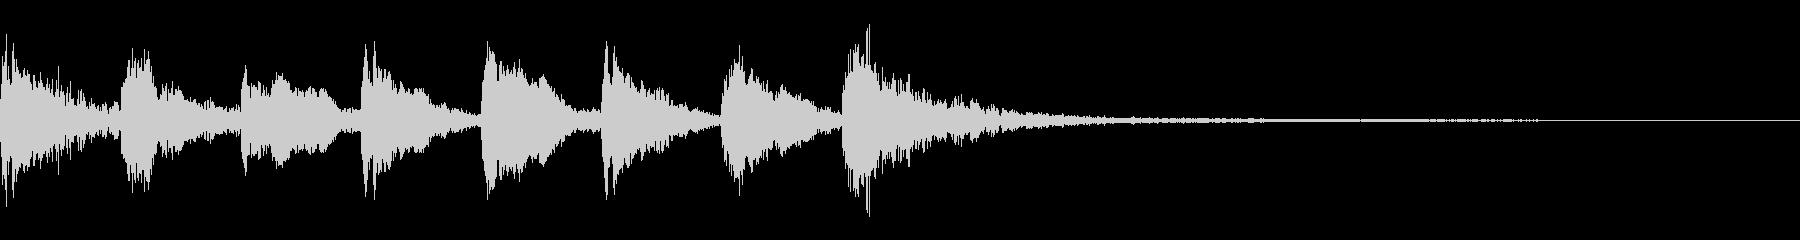 サウンドロゴ 2秒 よくありがちな雰囲気の未再生の波形